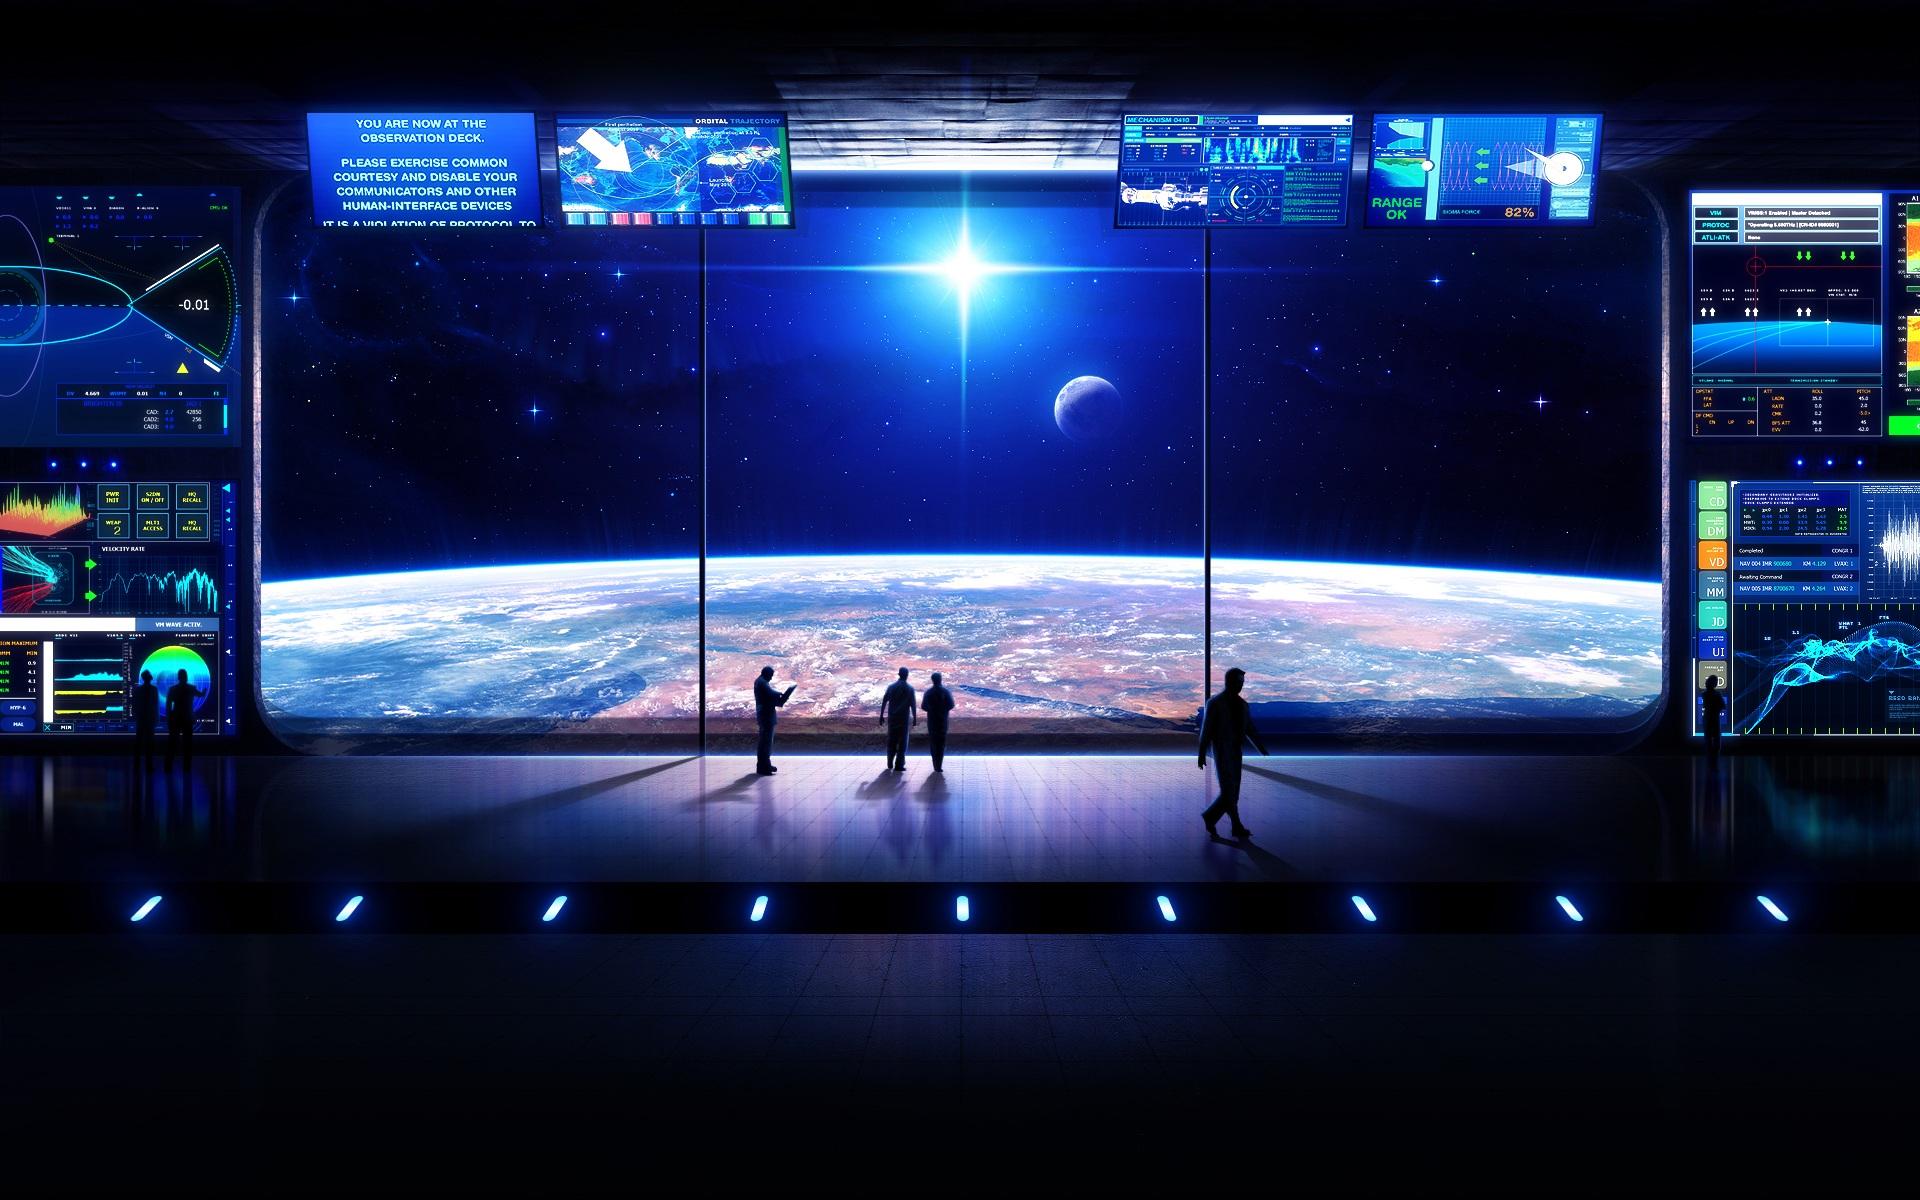 single person bridge sci fi spacecraft - photo #28